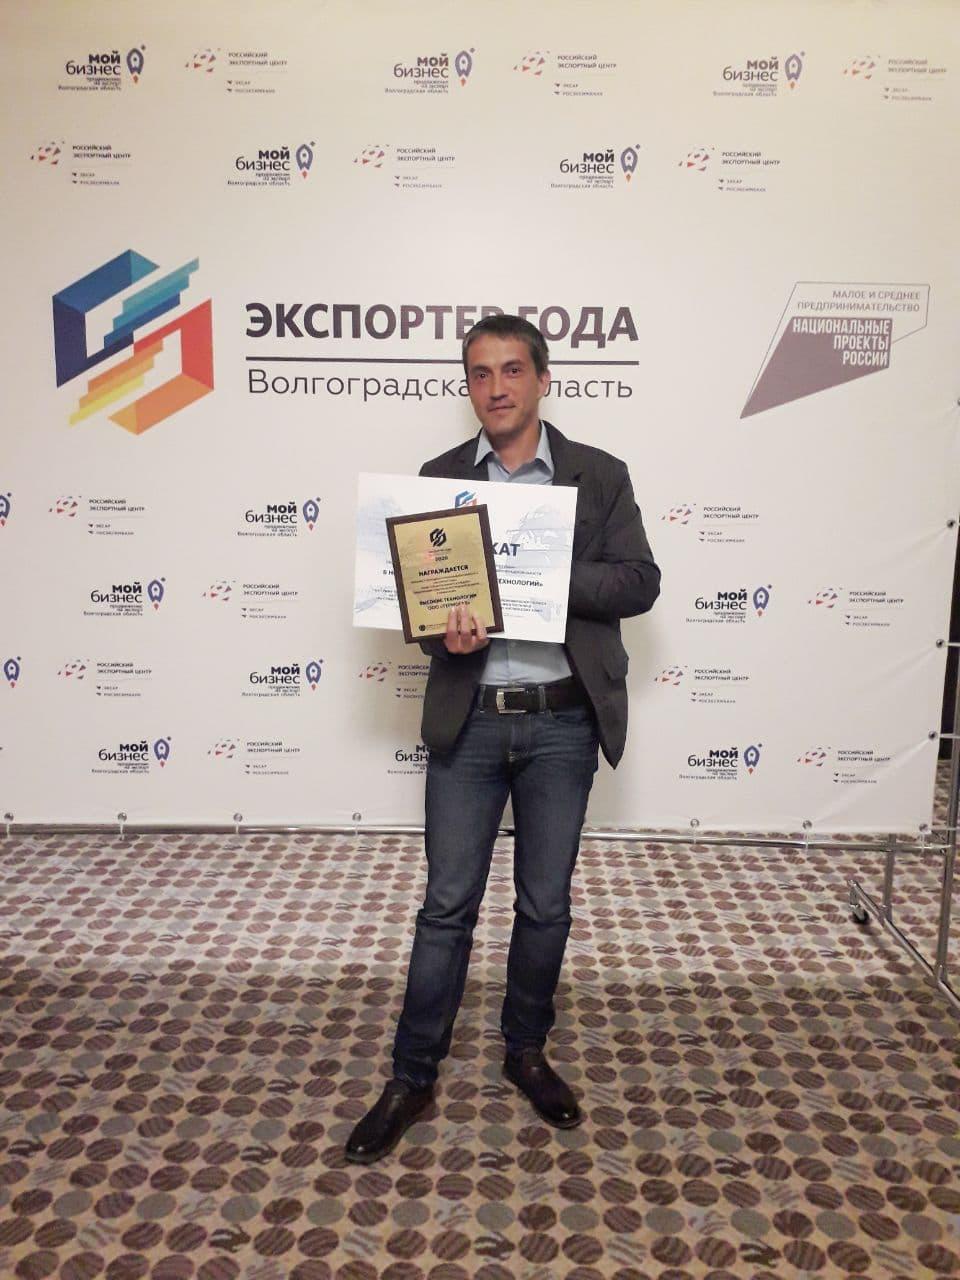 ООО «ТЕРМОГАЗ» входит в тройку лучших экспортеров области